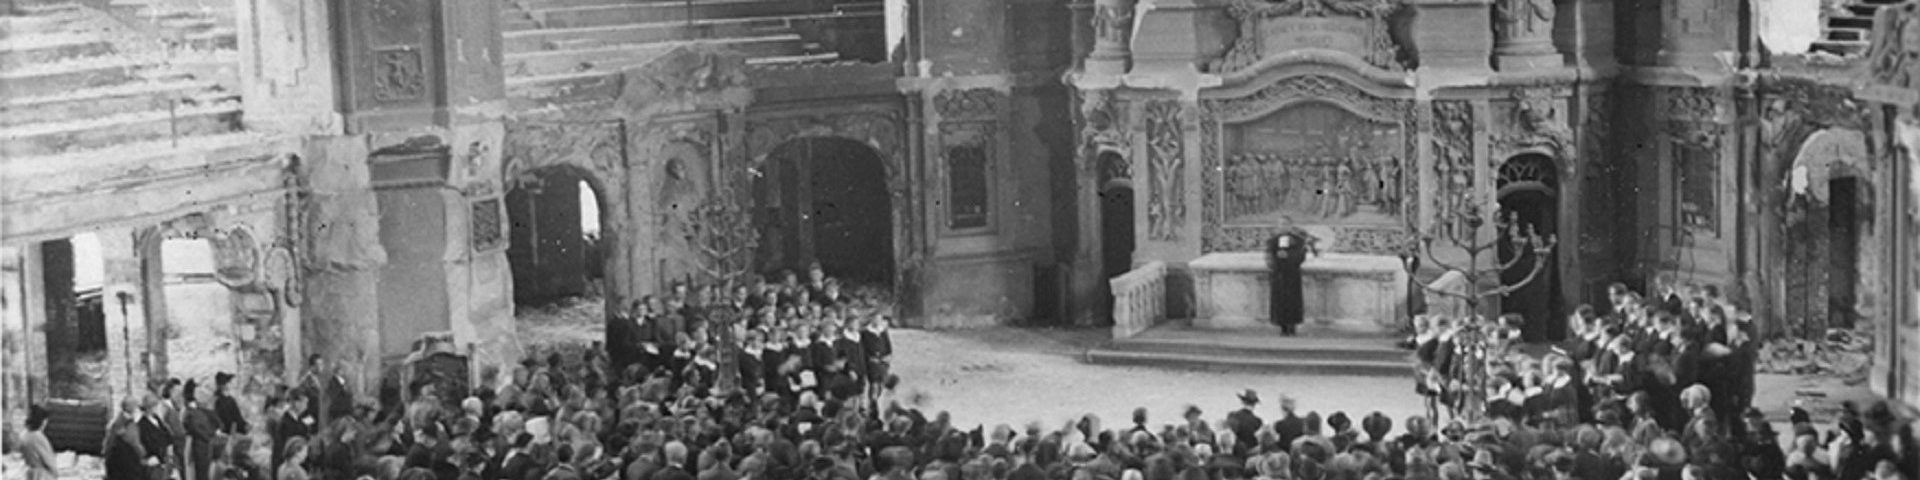 »Wie liegt die Stadt so wüst…« | Kreuzchor 1945. Untergang und Neuanfang